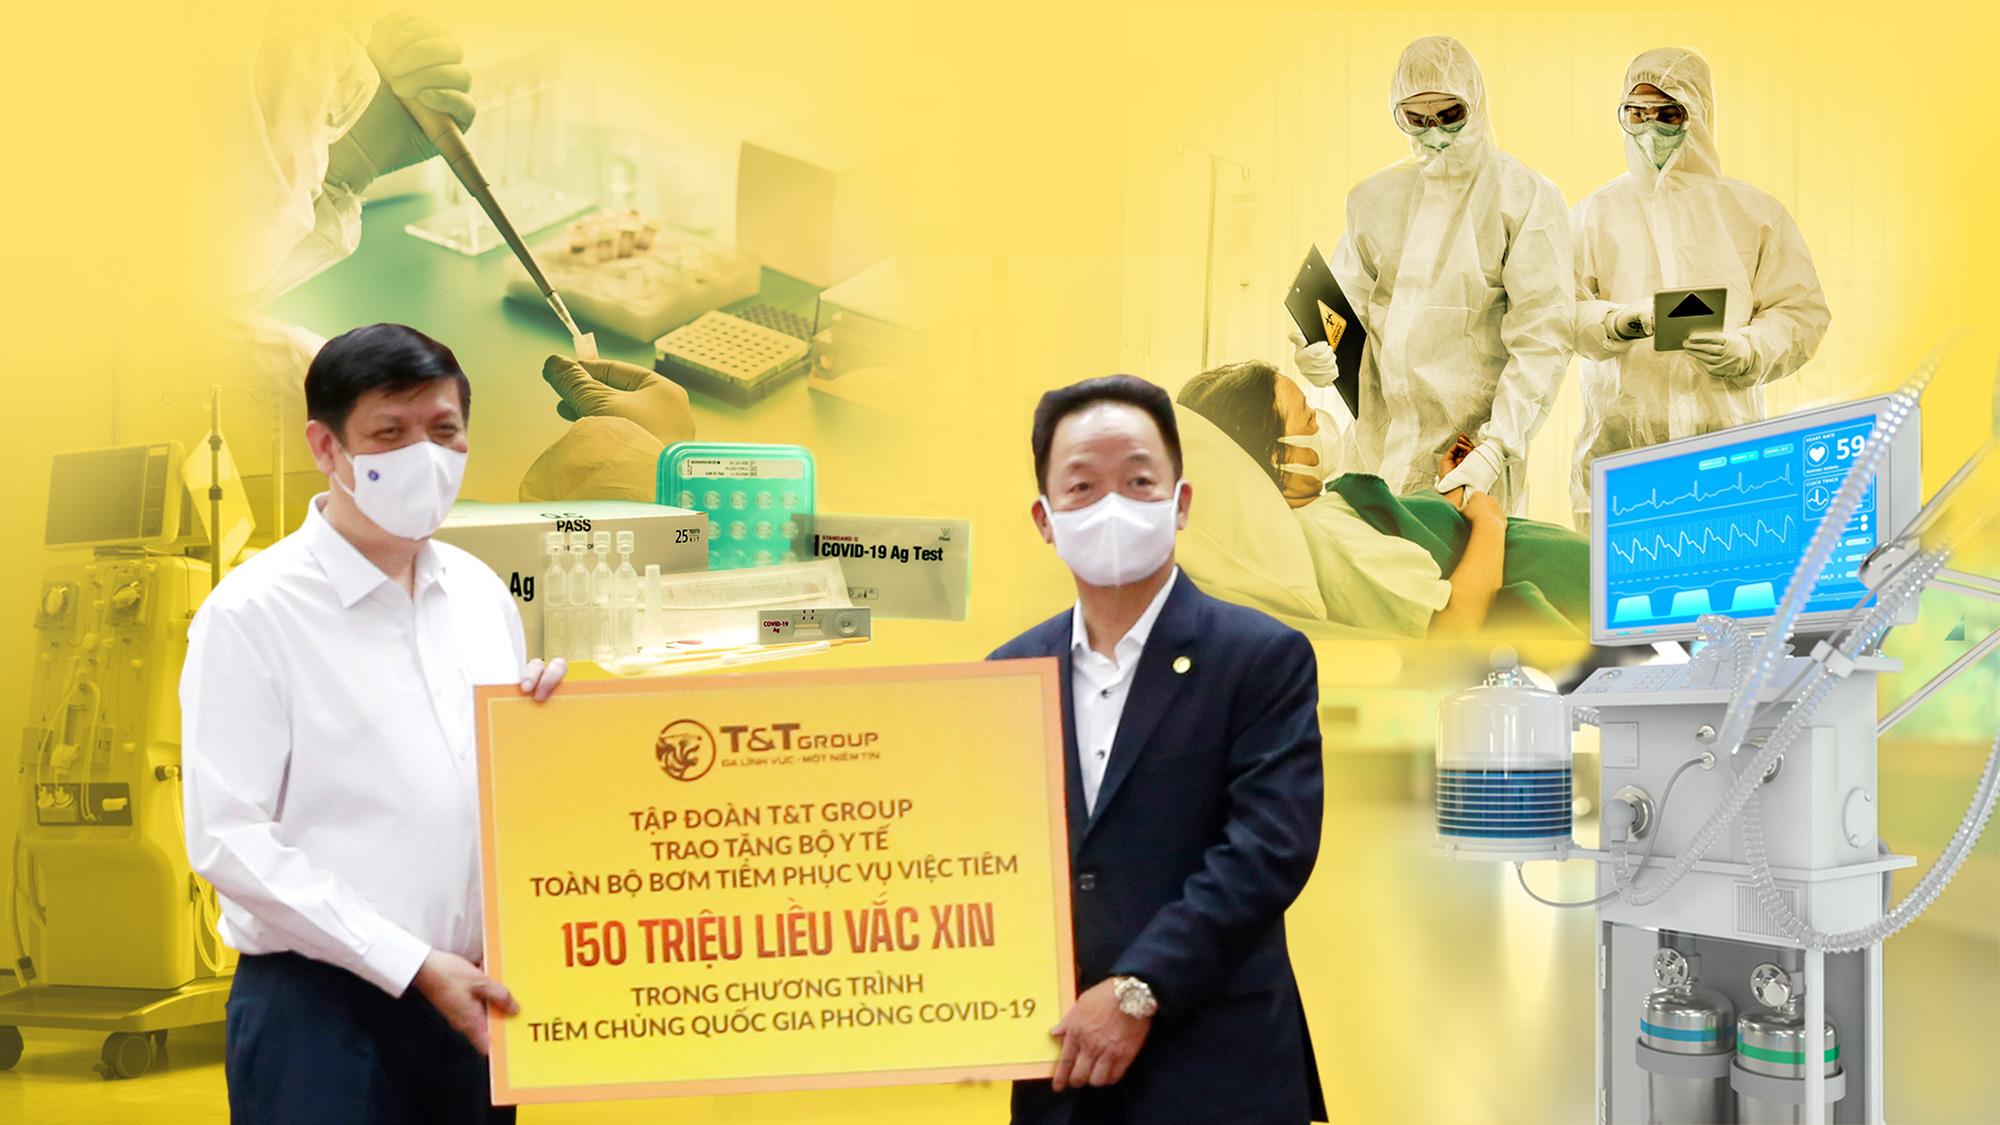 T&T Group tài trợ 20 tỷ đồng mua trang thiết bị y tế giúp một số địa phương phòng, chống dịch COVID-19 - Ảnh 1.